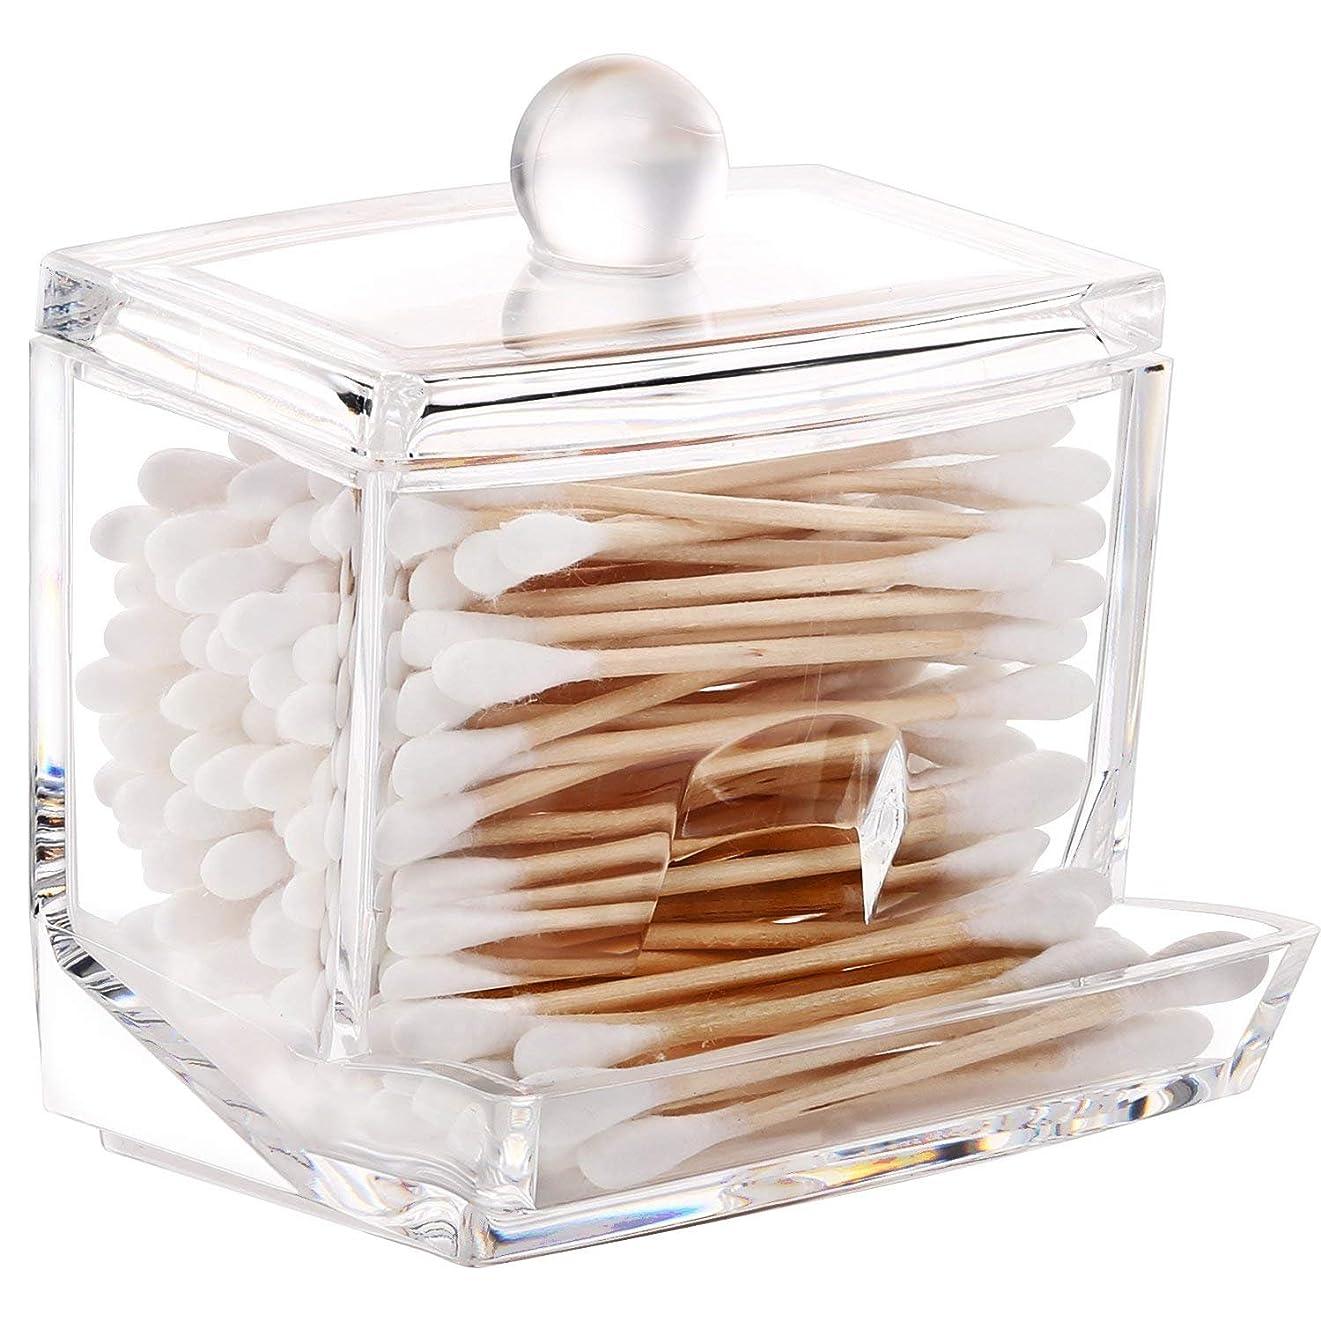 冗長どこか署名Flou@ 棉棒ボックス 透明 蓋付き 防塵 コスメケース 小物収納 コットンケース 綿棒ケース アクリル製